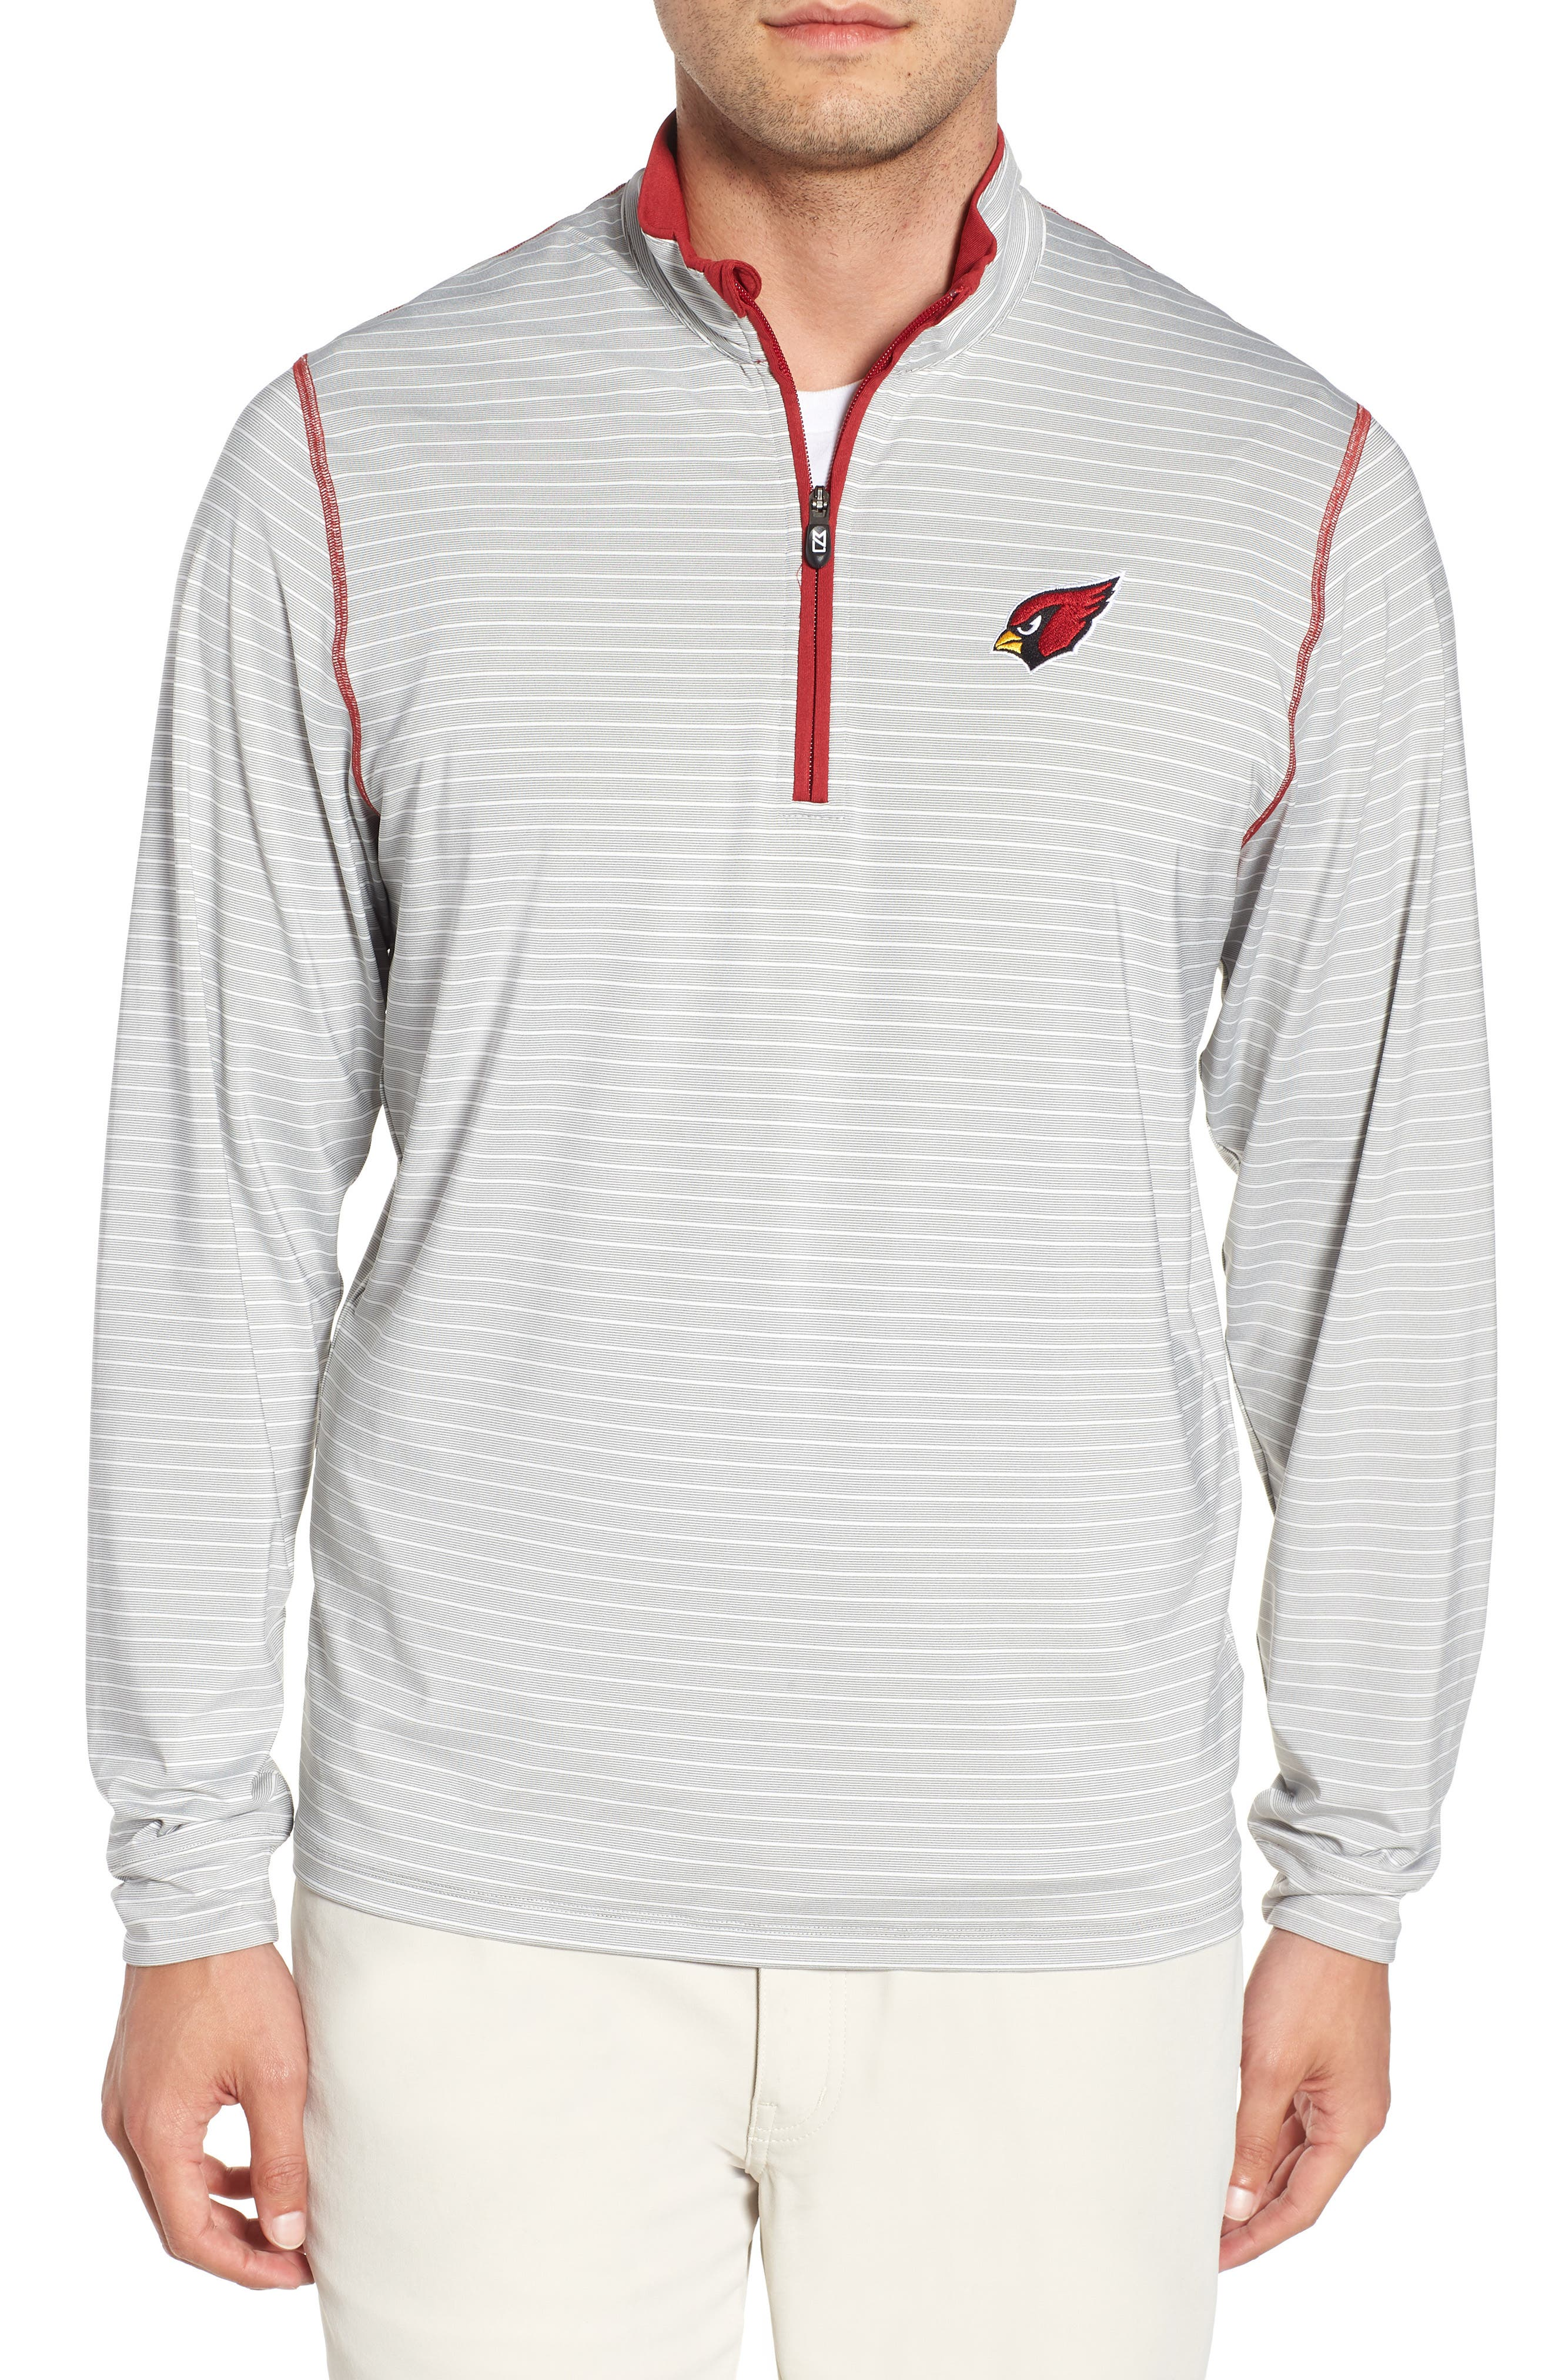 Meridian - Arizona Cardinals Regular Fit Half Zip Pullover,                         Main,                         color, CARDINAL RED